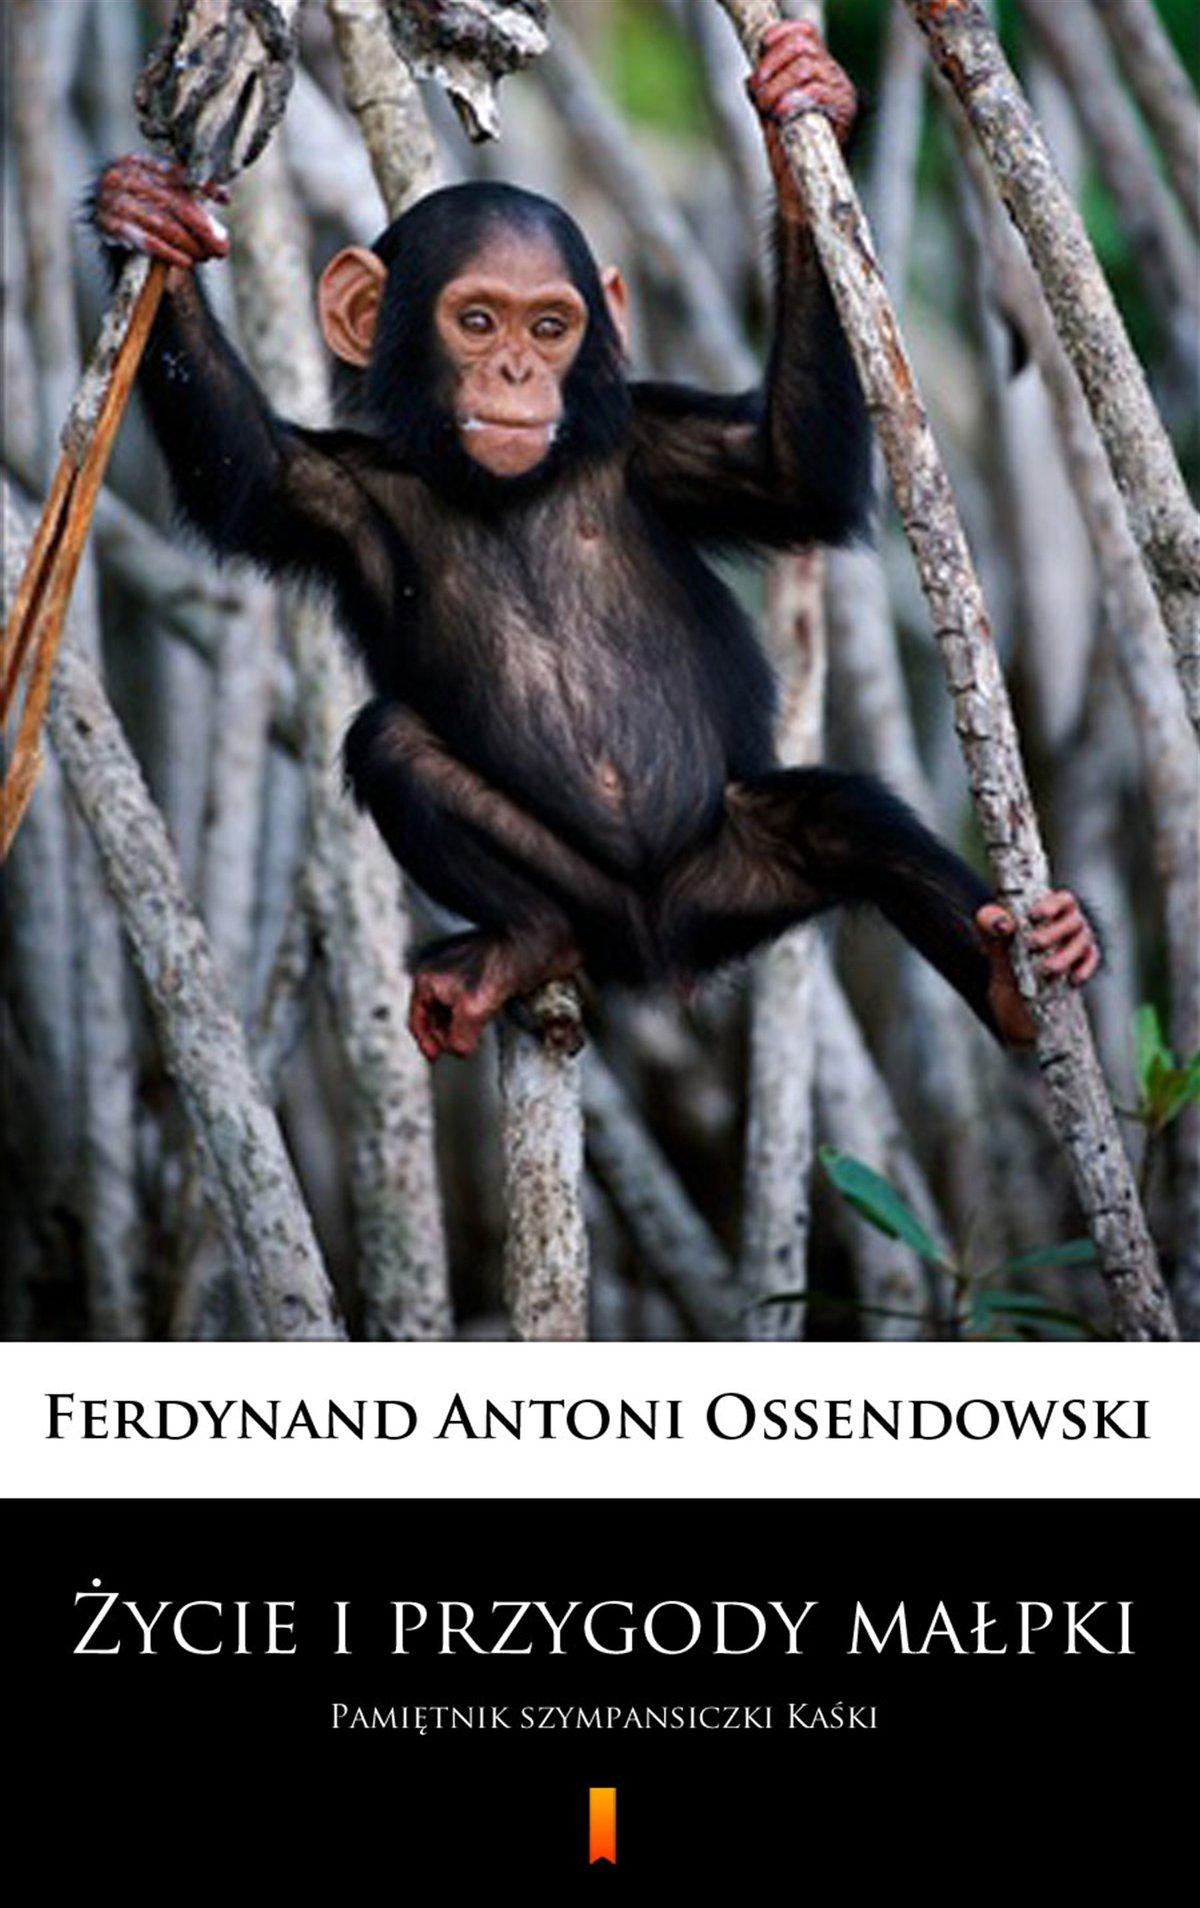 Życie i przygody małpki - Ebook (Książka na Kindle) do pobrania w formacie MOBI